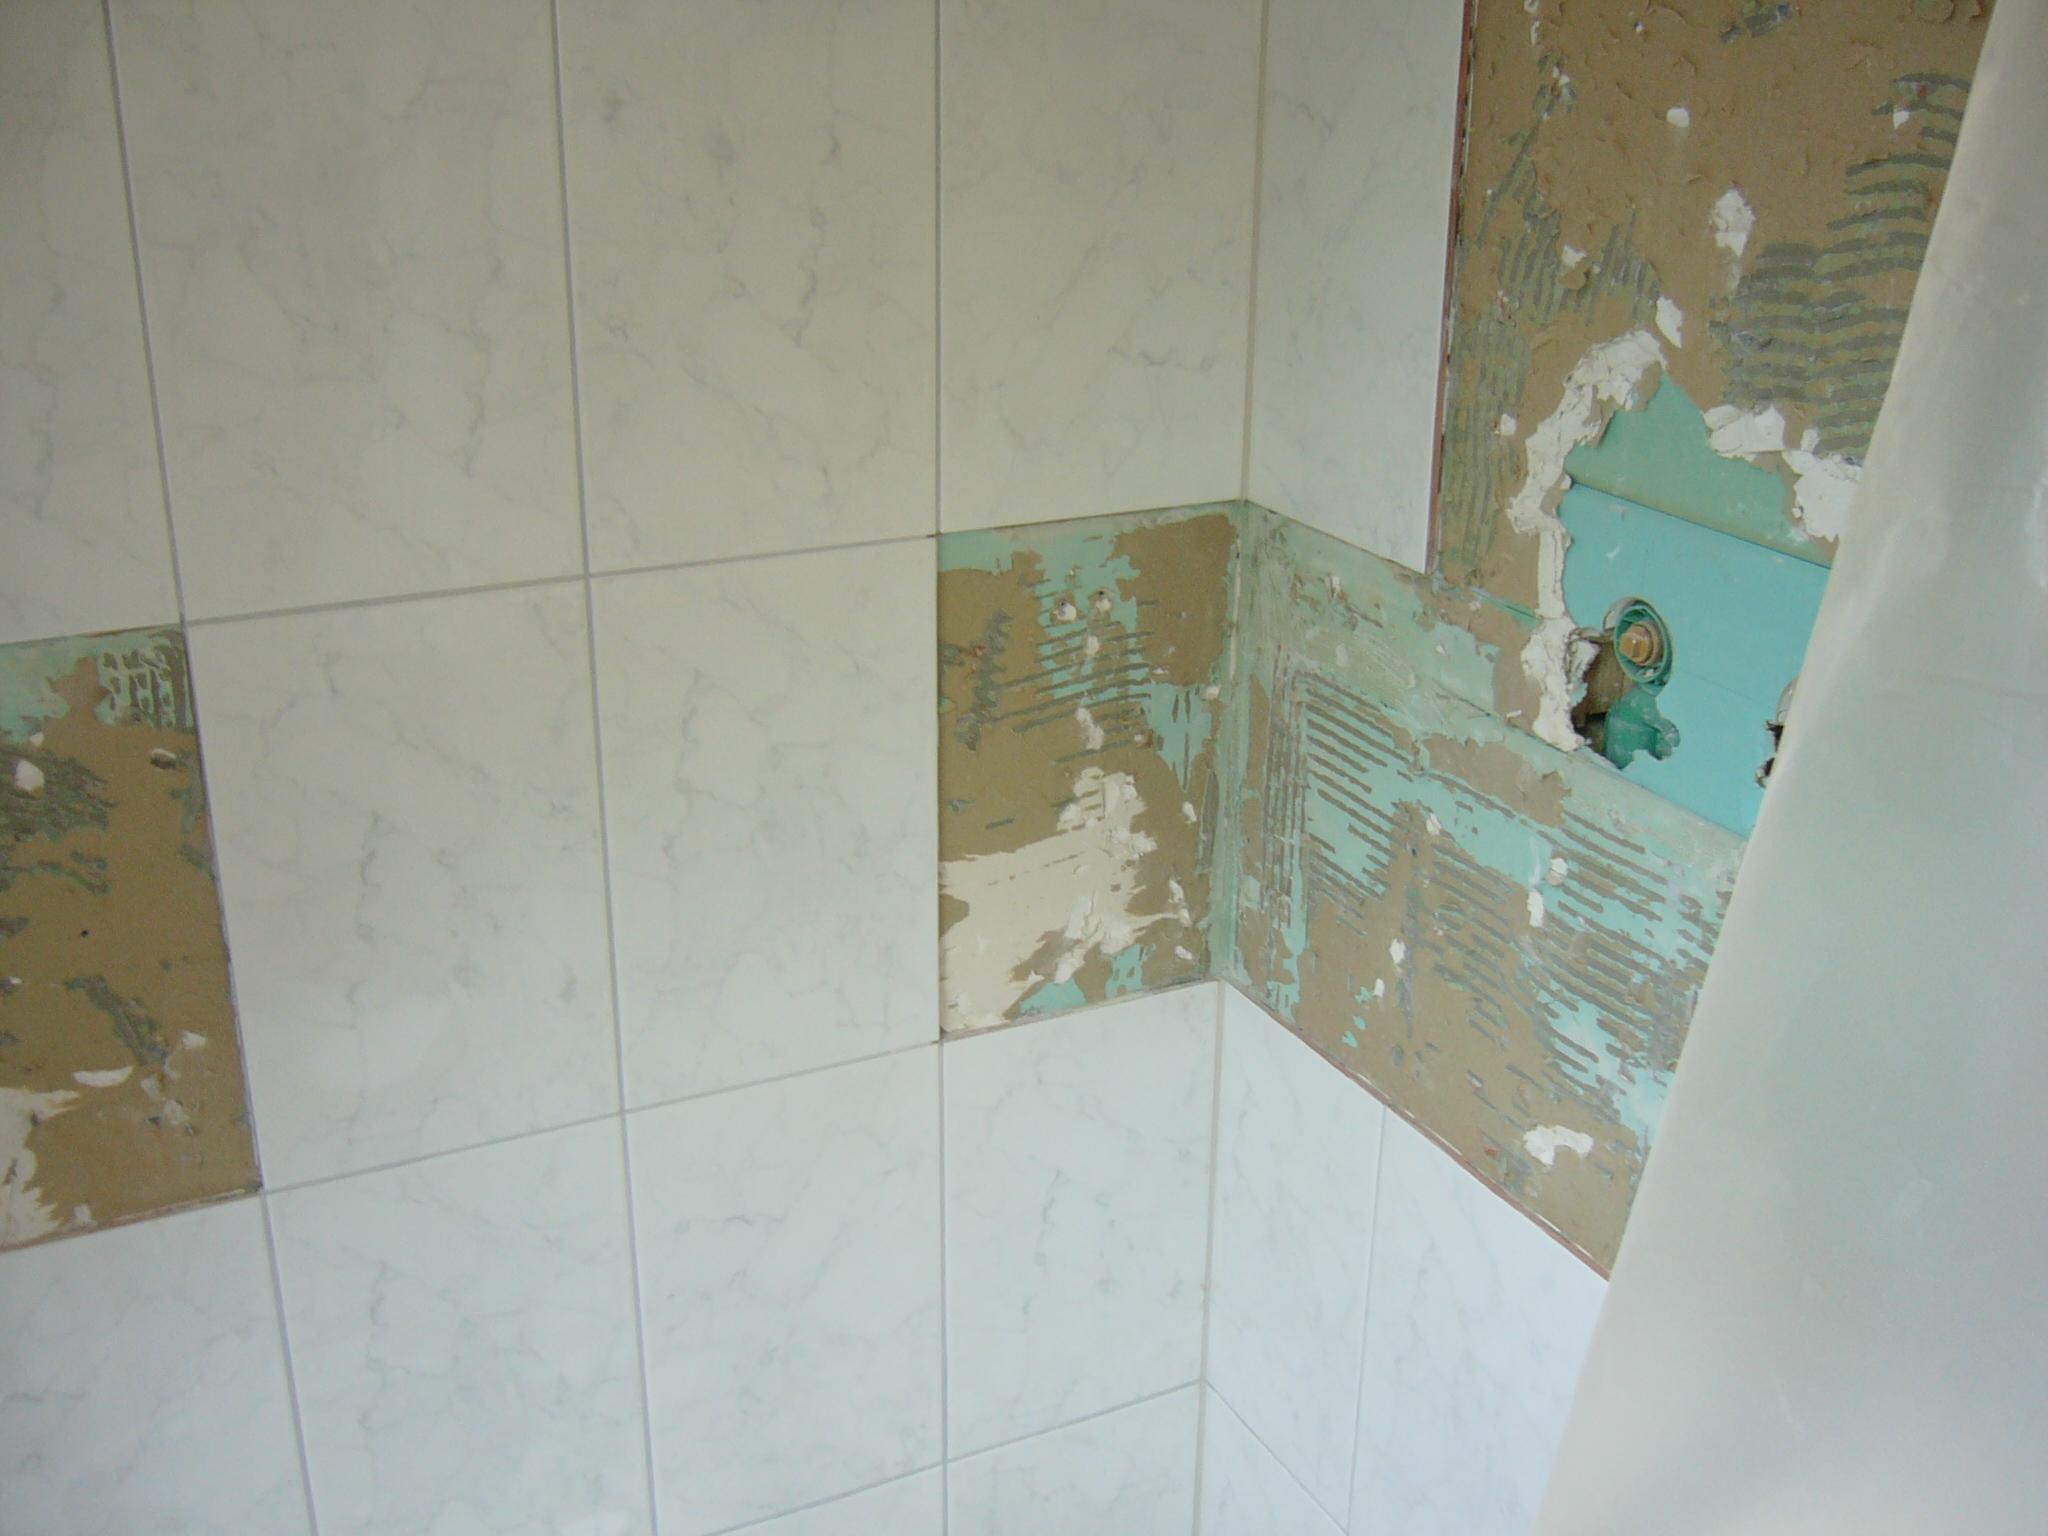 Wasserschaden sanierung badezimmer plattenleger plamenig for Sanierung badezimmer